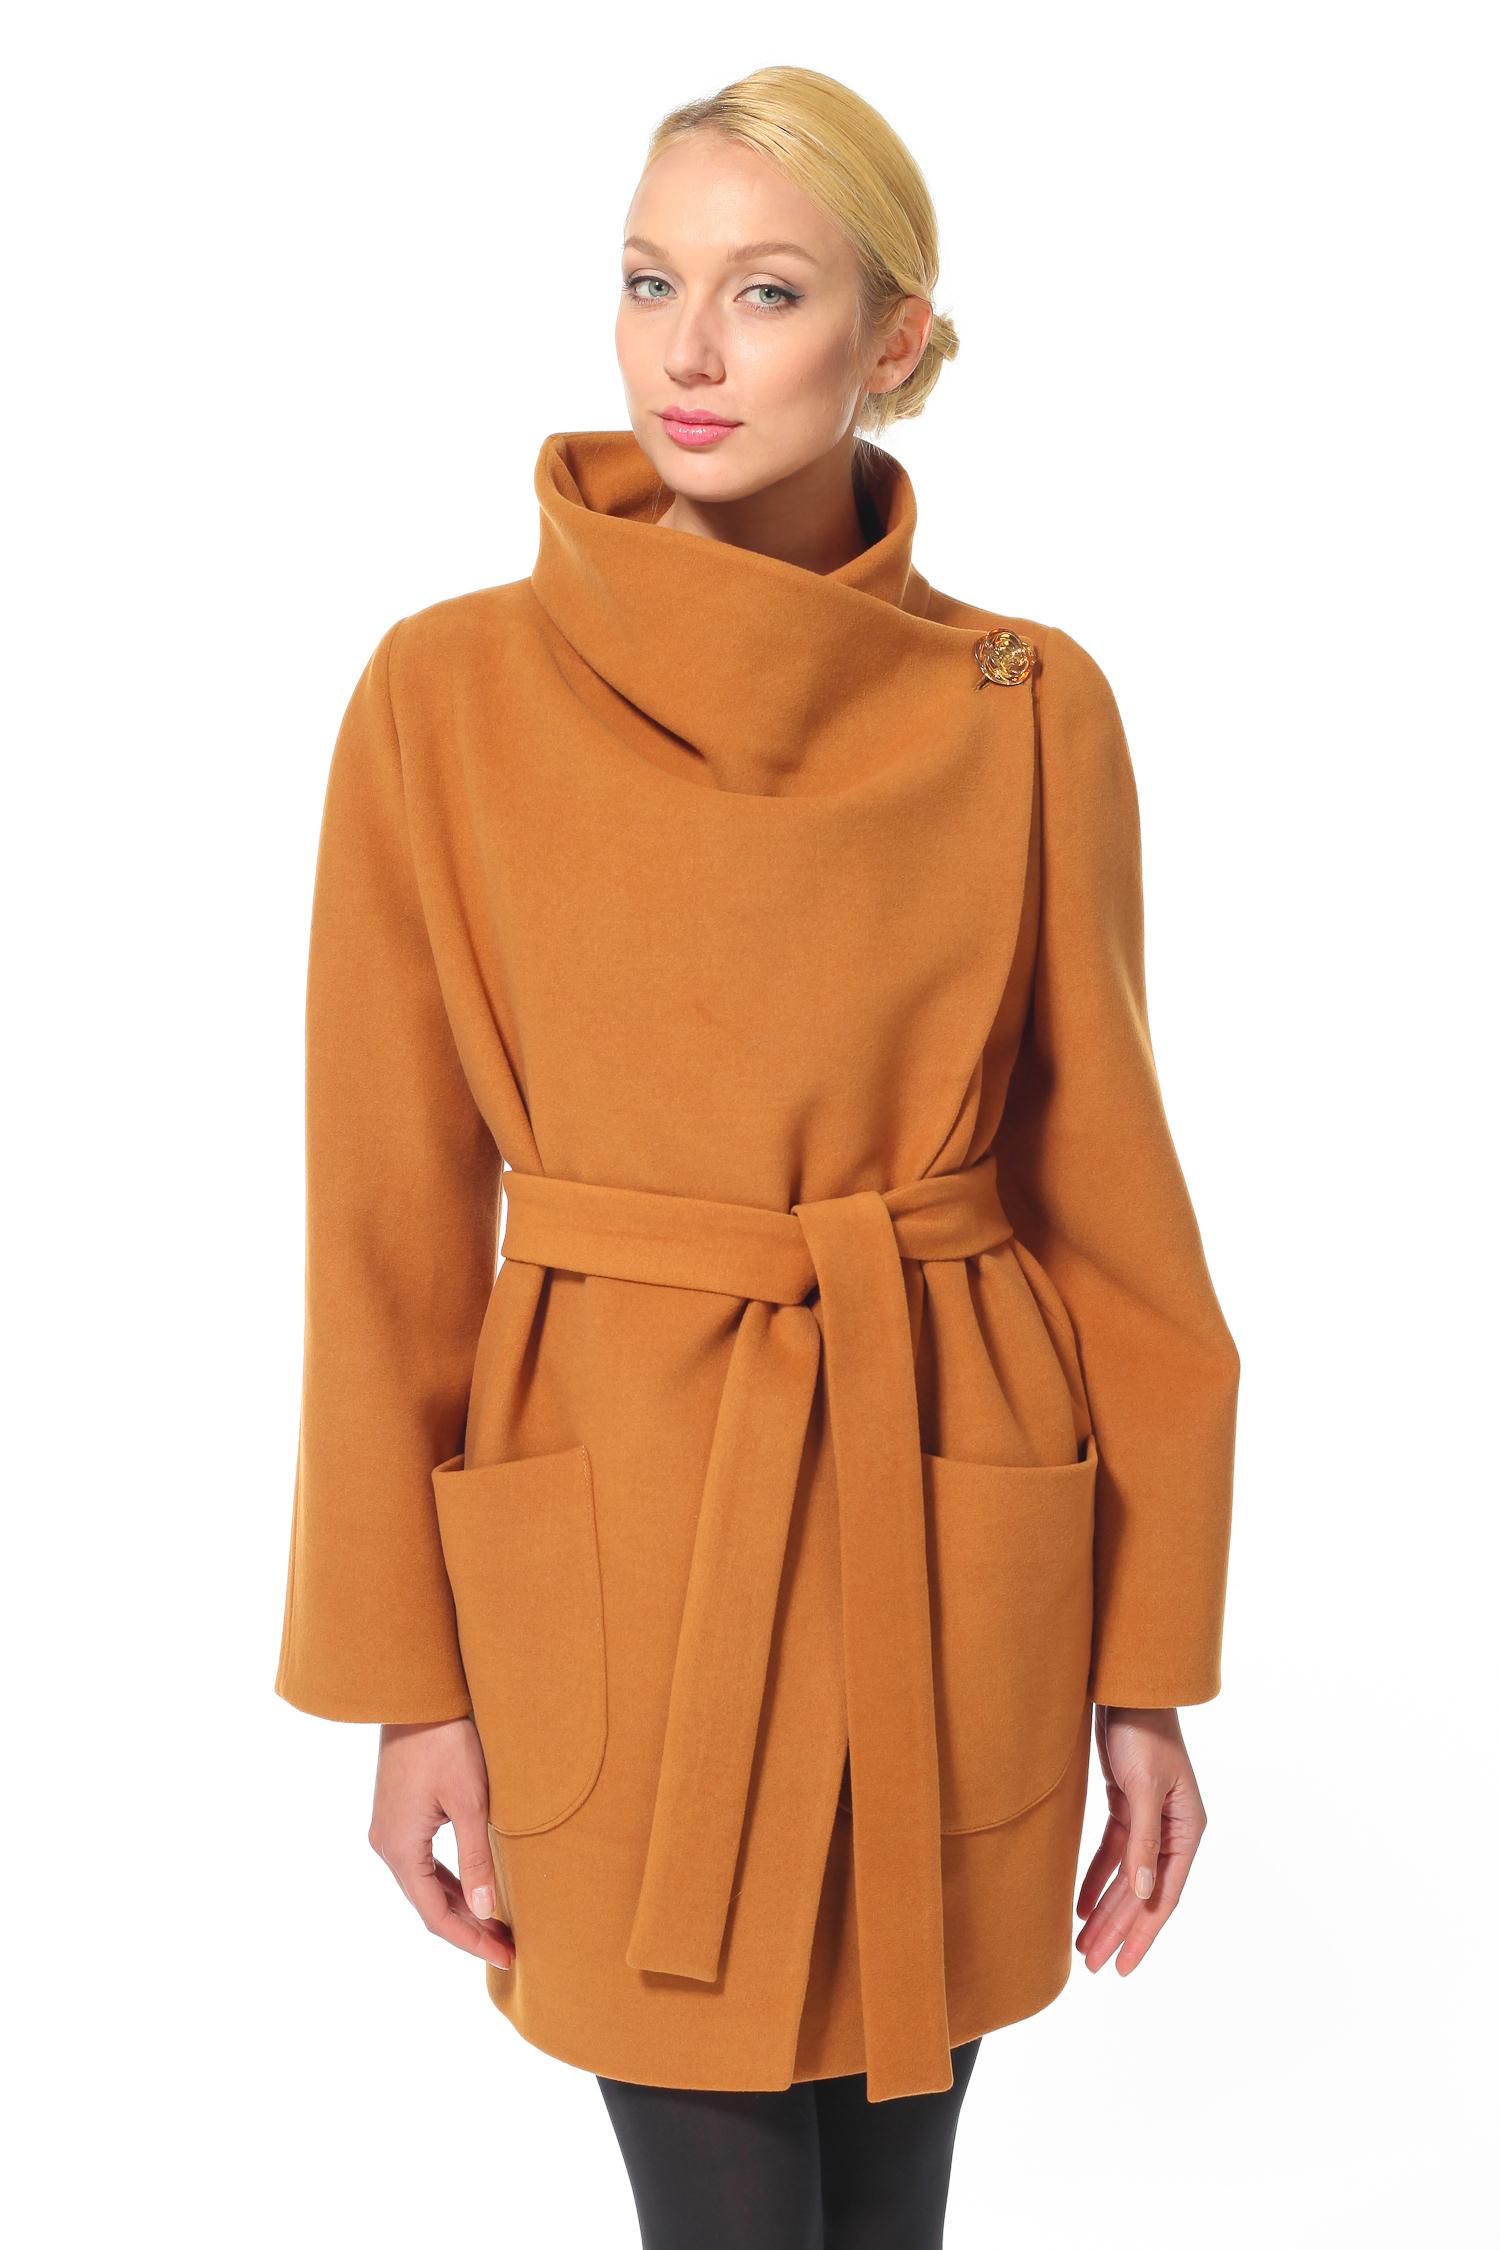 Женское пальто с воротником, без отделки<br><br>Воротник: Оригинальный<br>Длина см: 90<br>Материал: Текстиль<br>Цвет: Бежевый<br>Пол: Женский